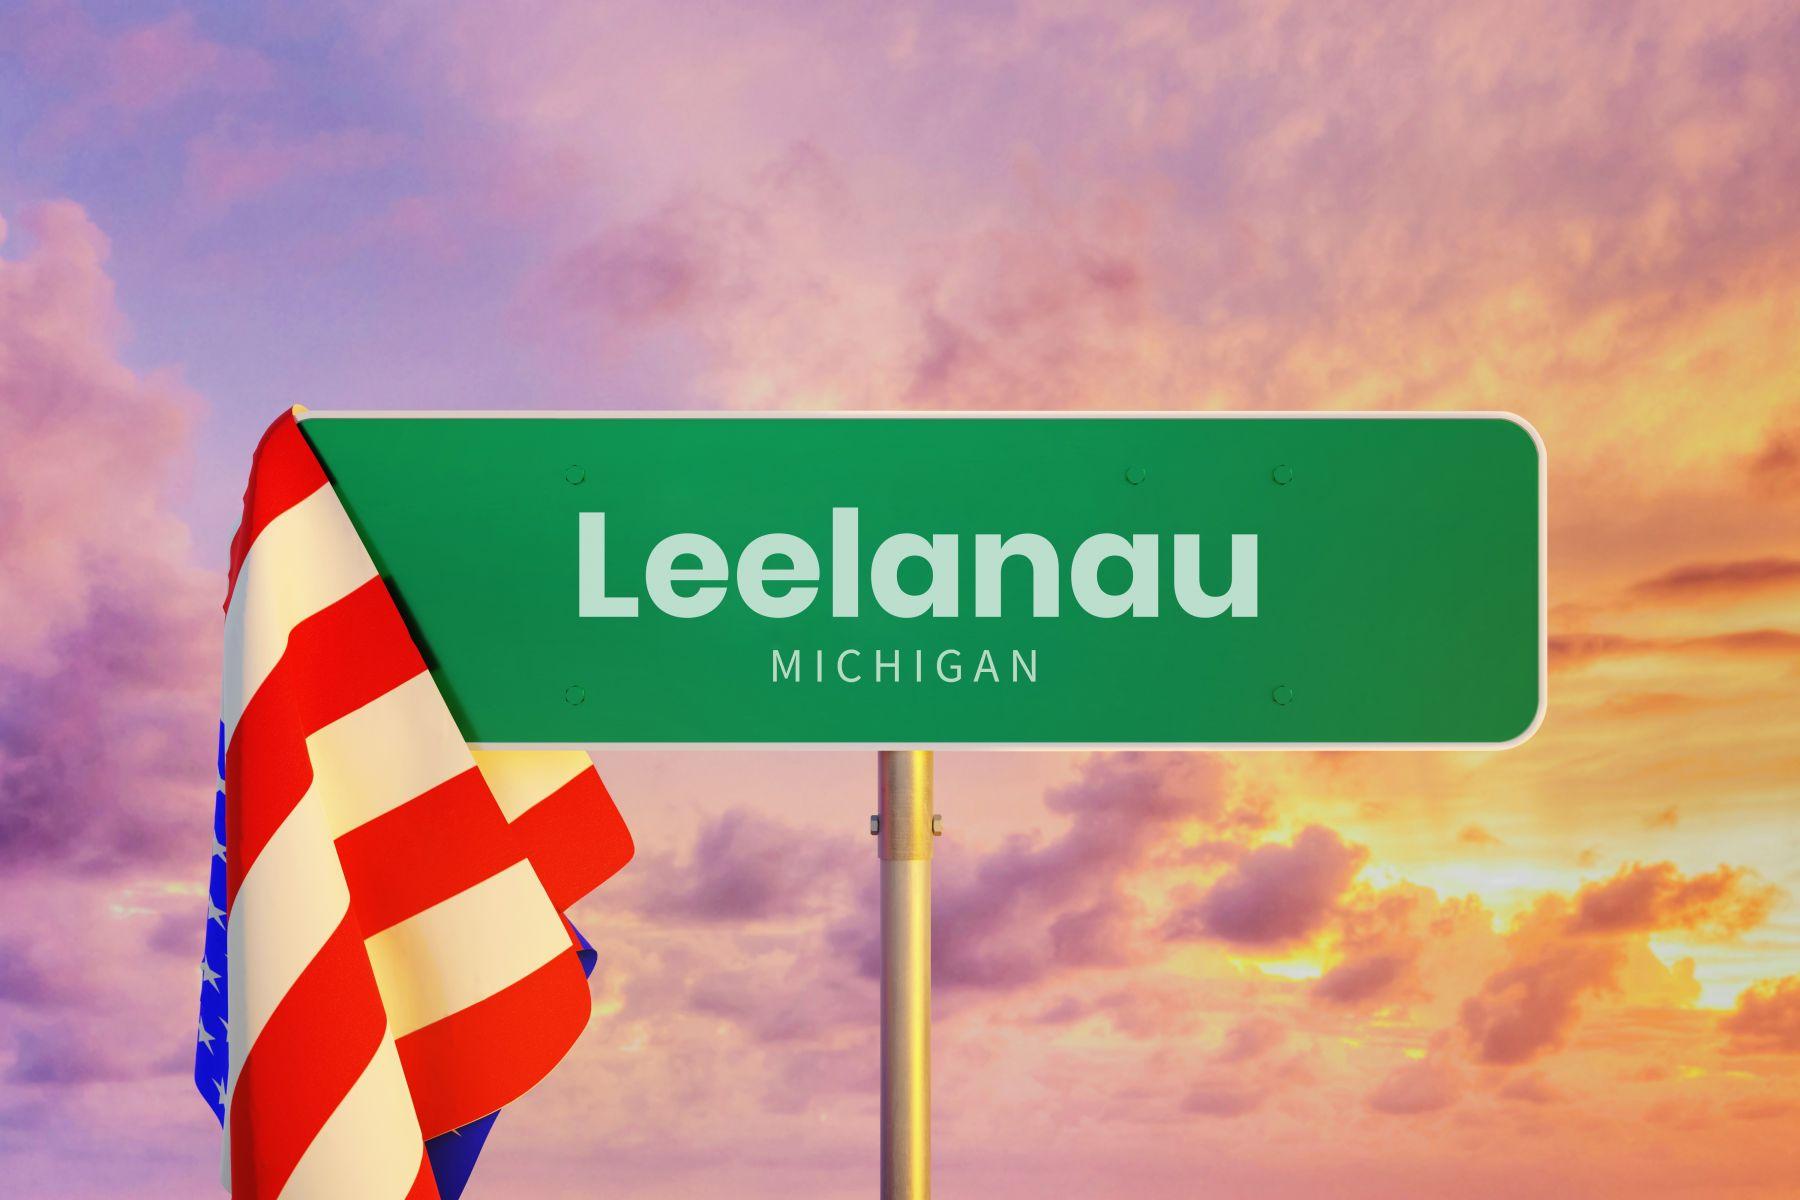 Leelanau